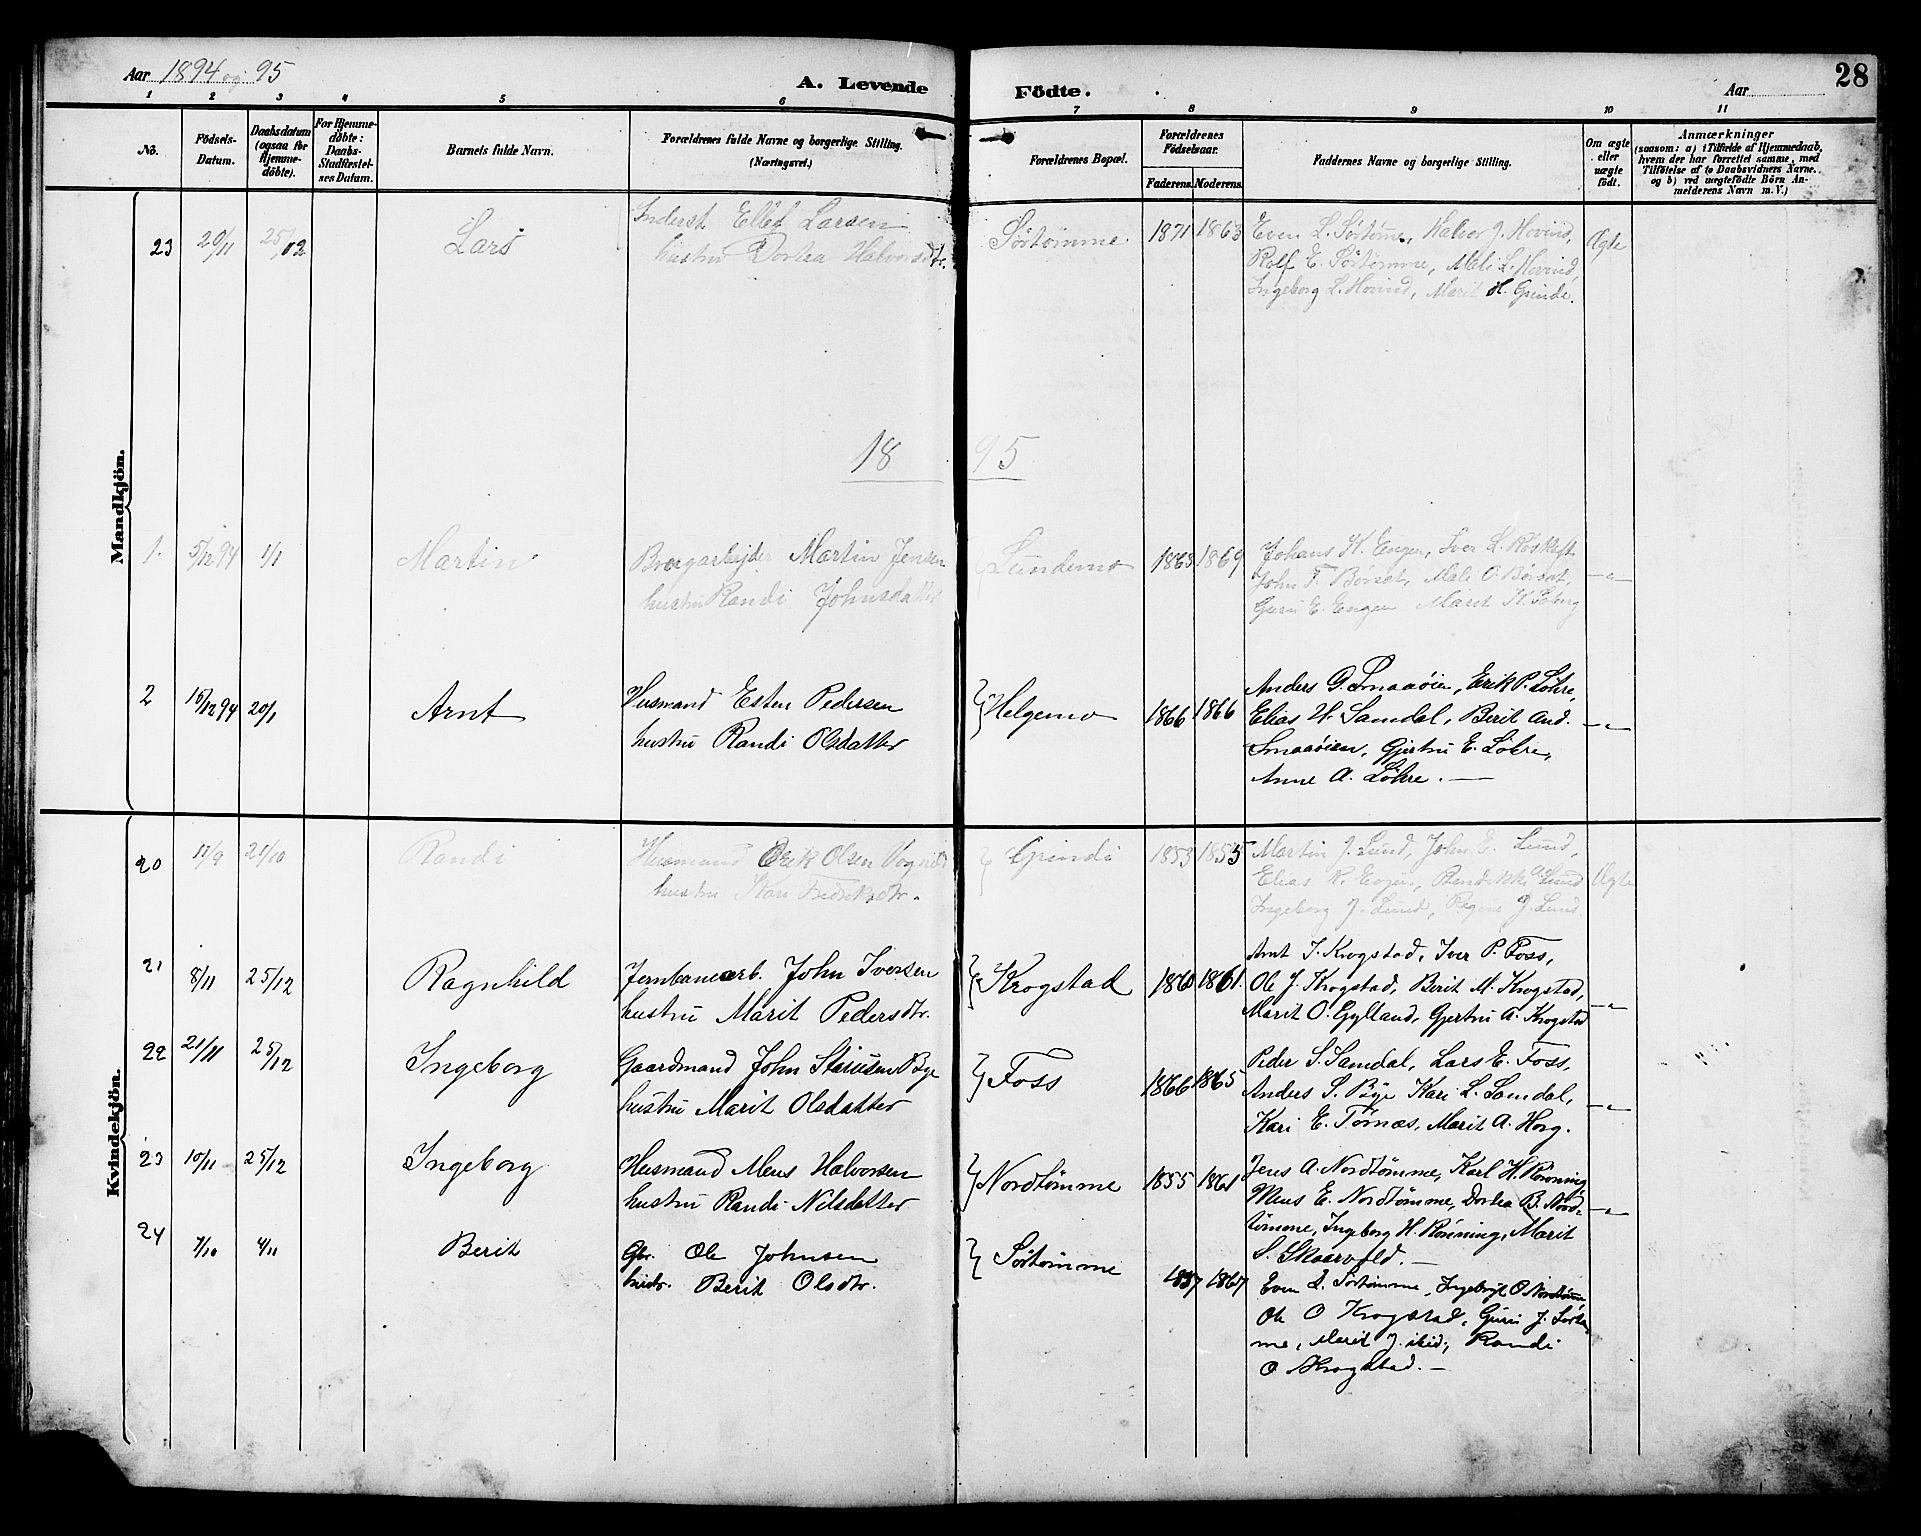 SAT, Ministerialprotokoller, klokkerbøker og fødselsregistre - Sør-Trøndelag, 692/L1111: Klokkerbok nr. 692C06, 1890-1904, s. 28